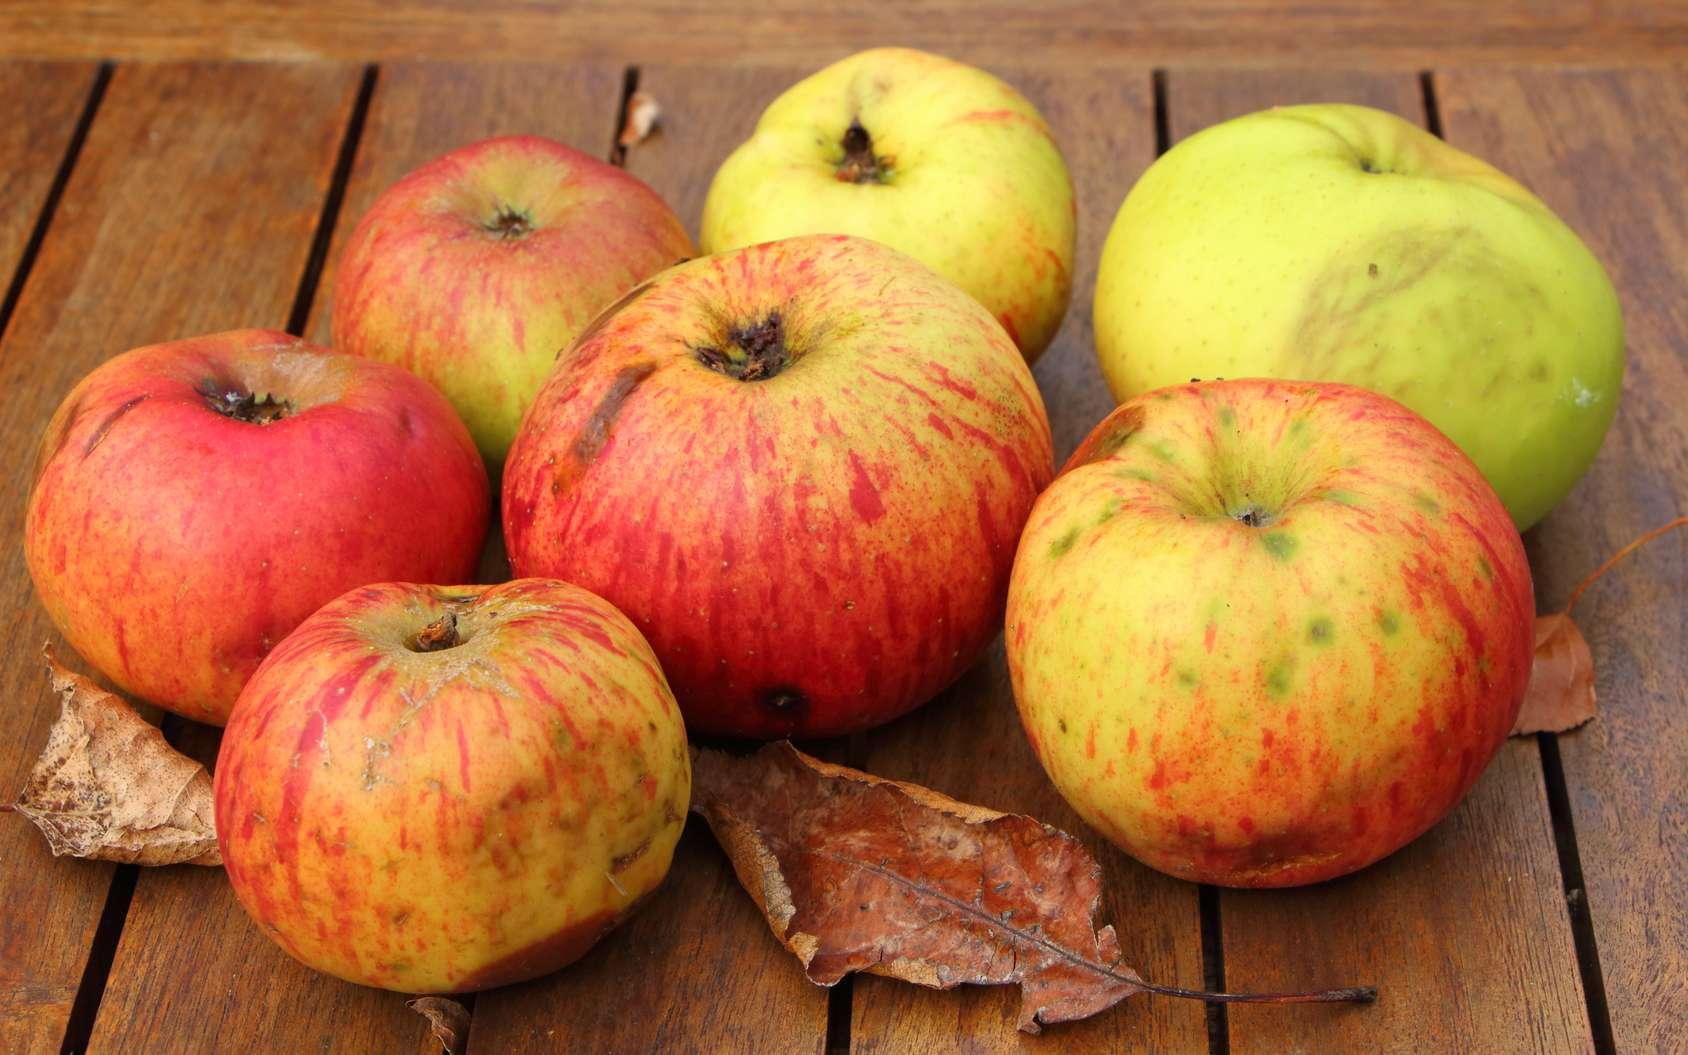 L'éthylène dégagé par les fruits mûrs accélère la maturation des autres fruits. © oceane2508, fotolia